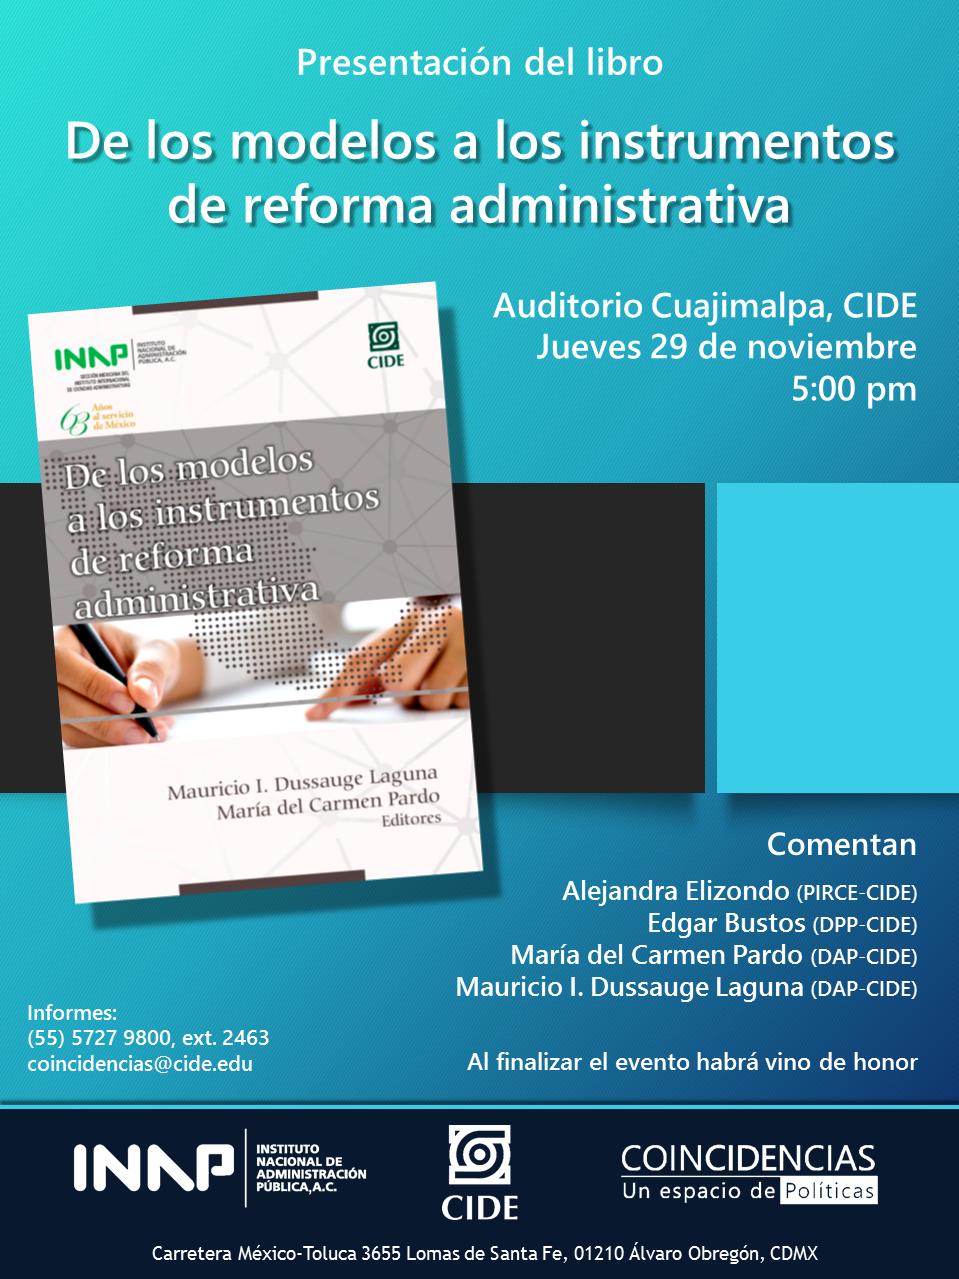 Presentación del libro «De los modelos a los instrumentos de reforma administrativa»